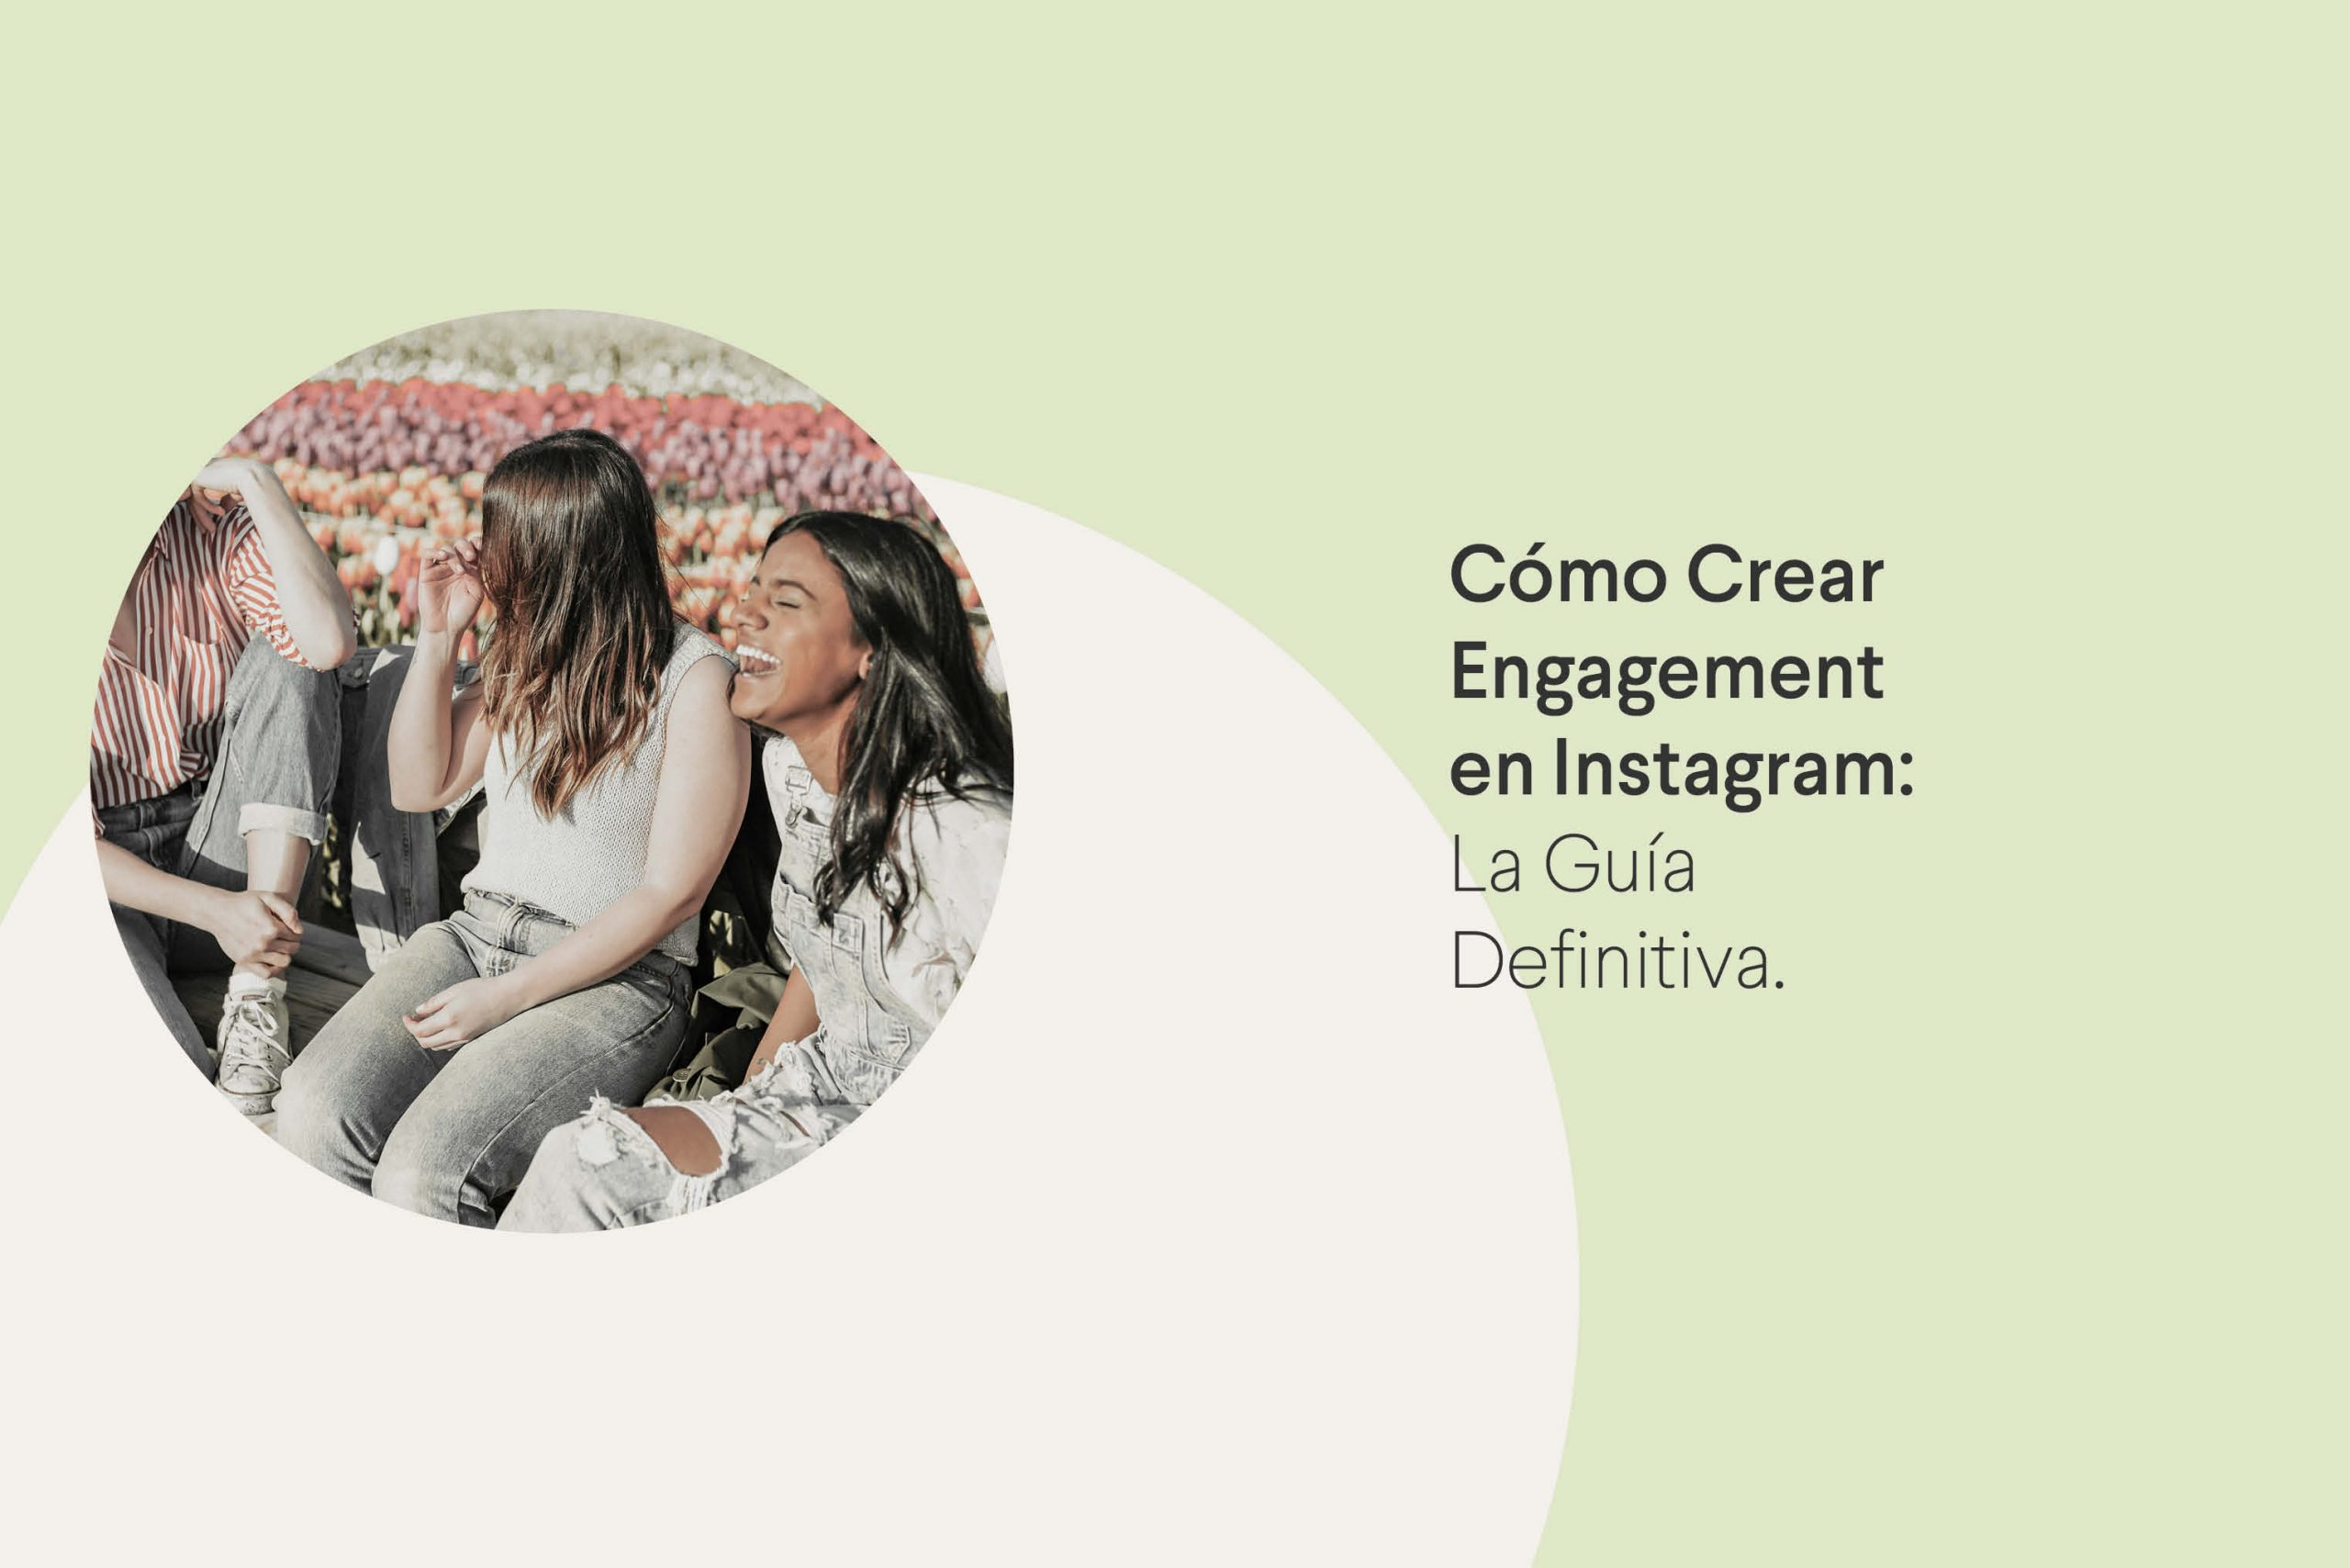 Cómo crear engagement en Instagram